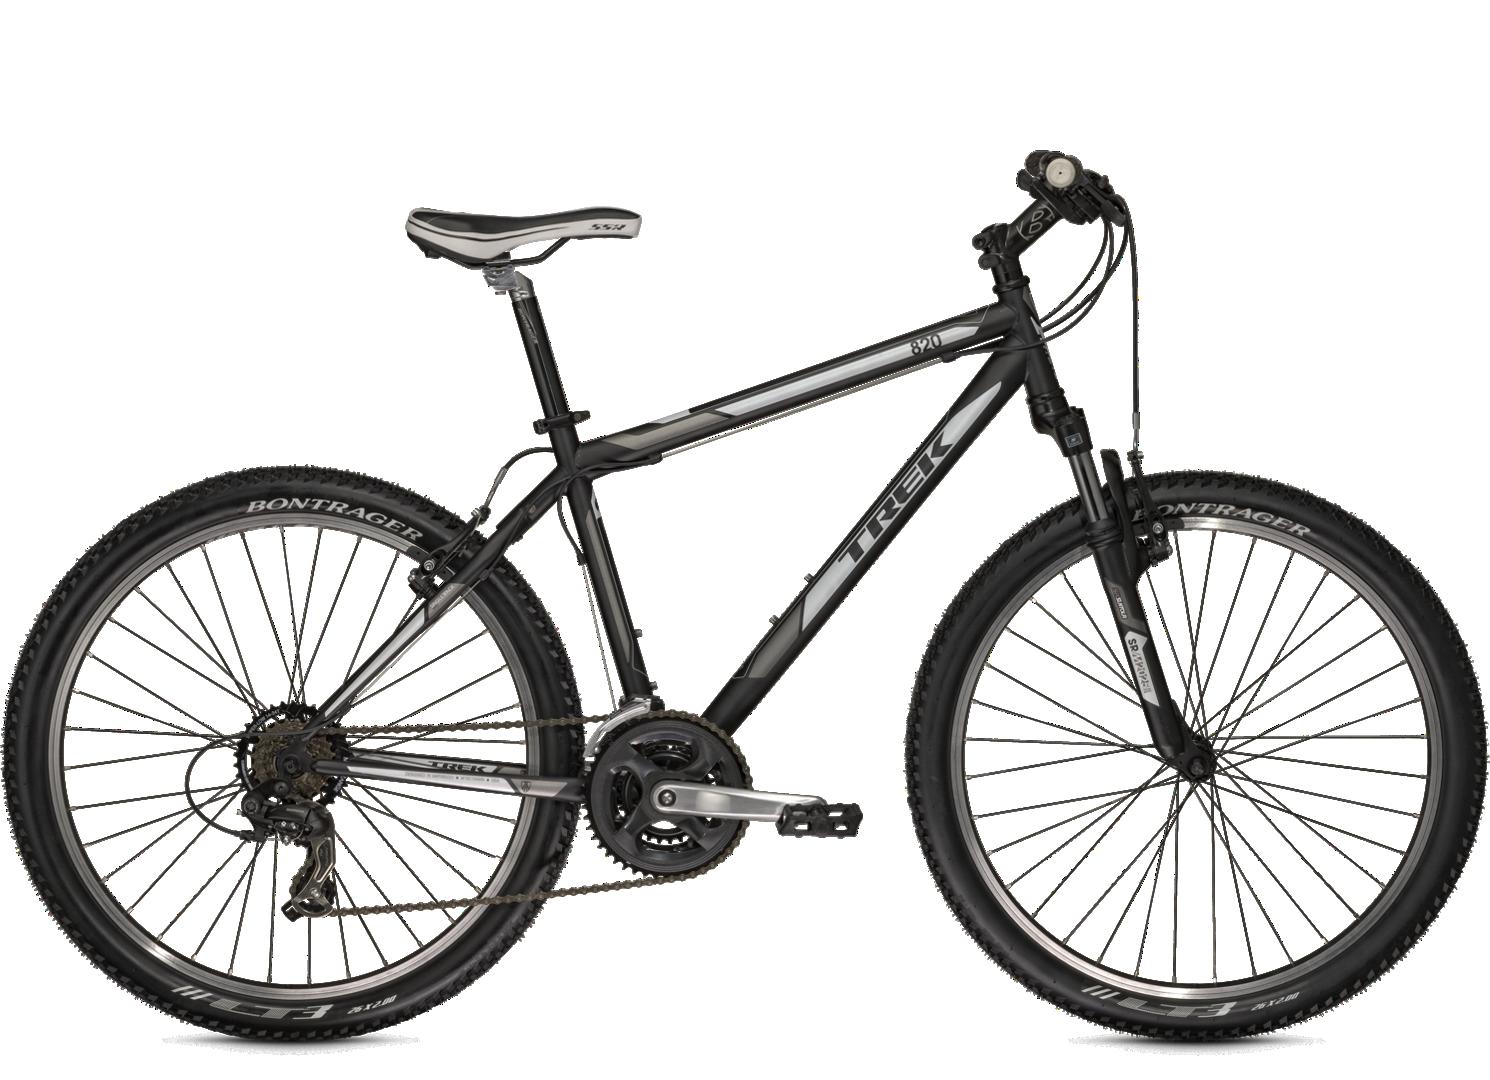 2013 820 - Bike Archive - Trek Bicycle